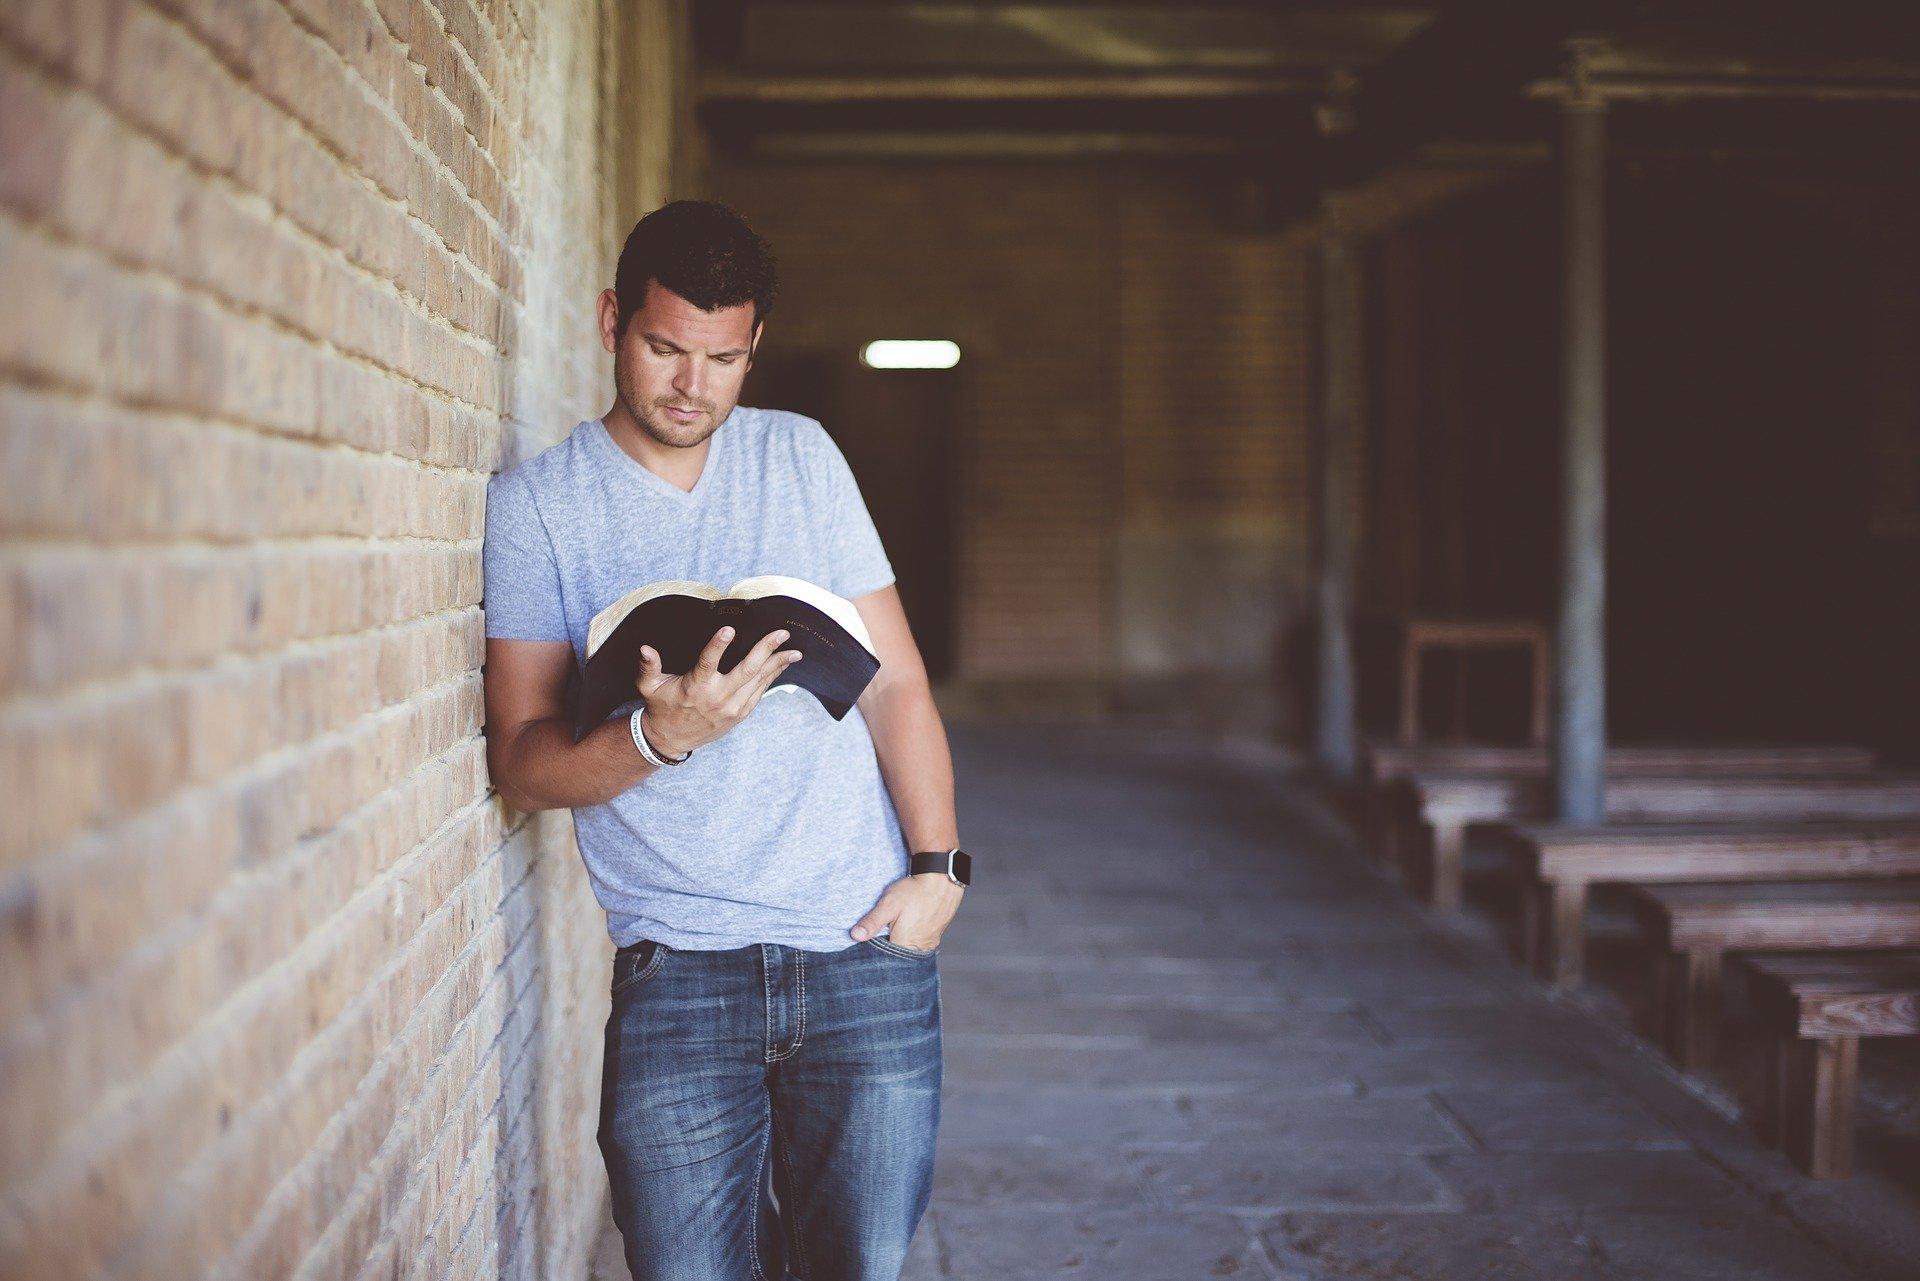 Aprender Inglés en Houston es Ideal si Eres Estudiante Universitario